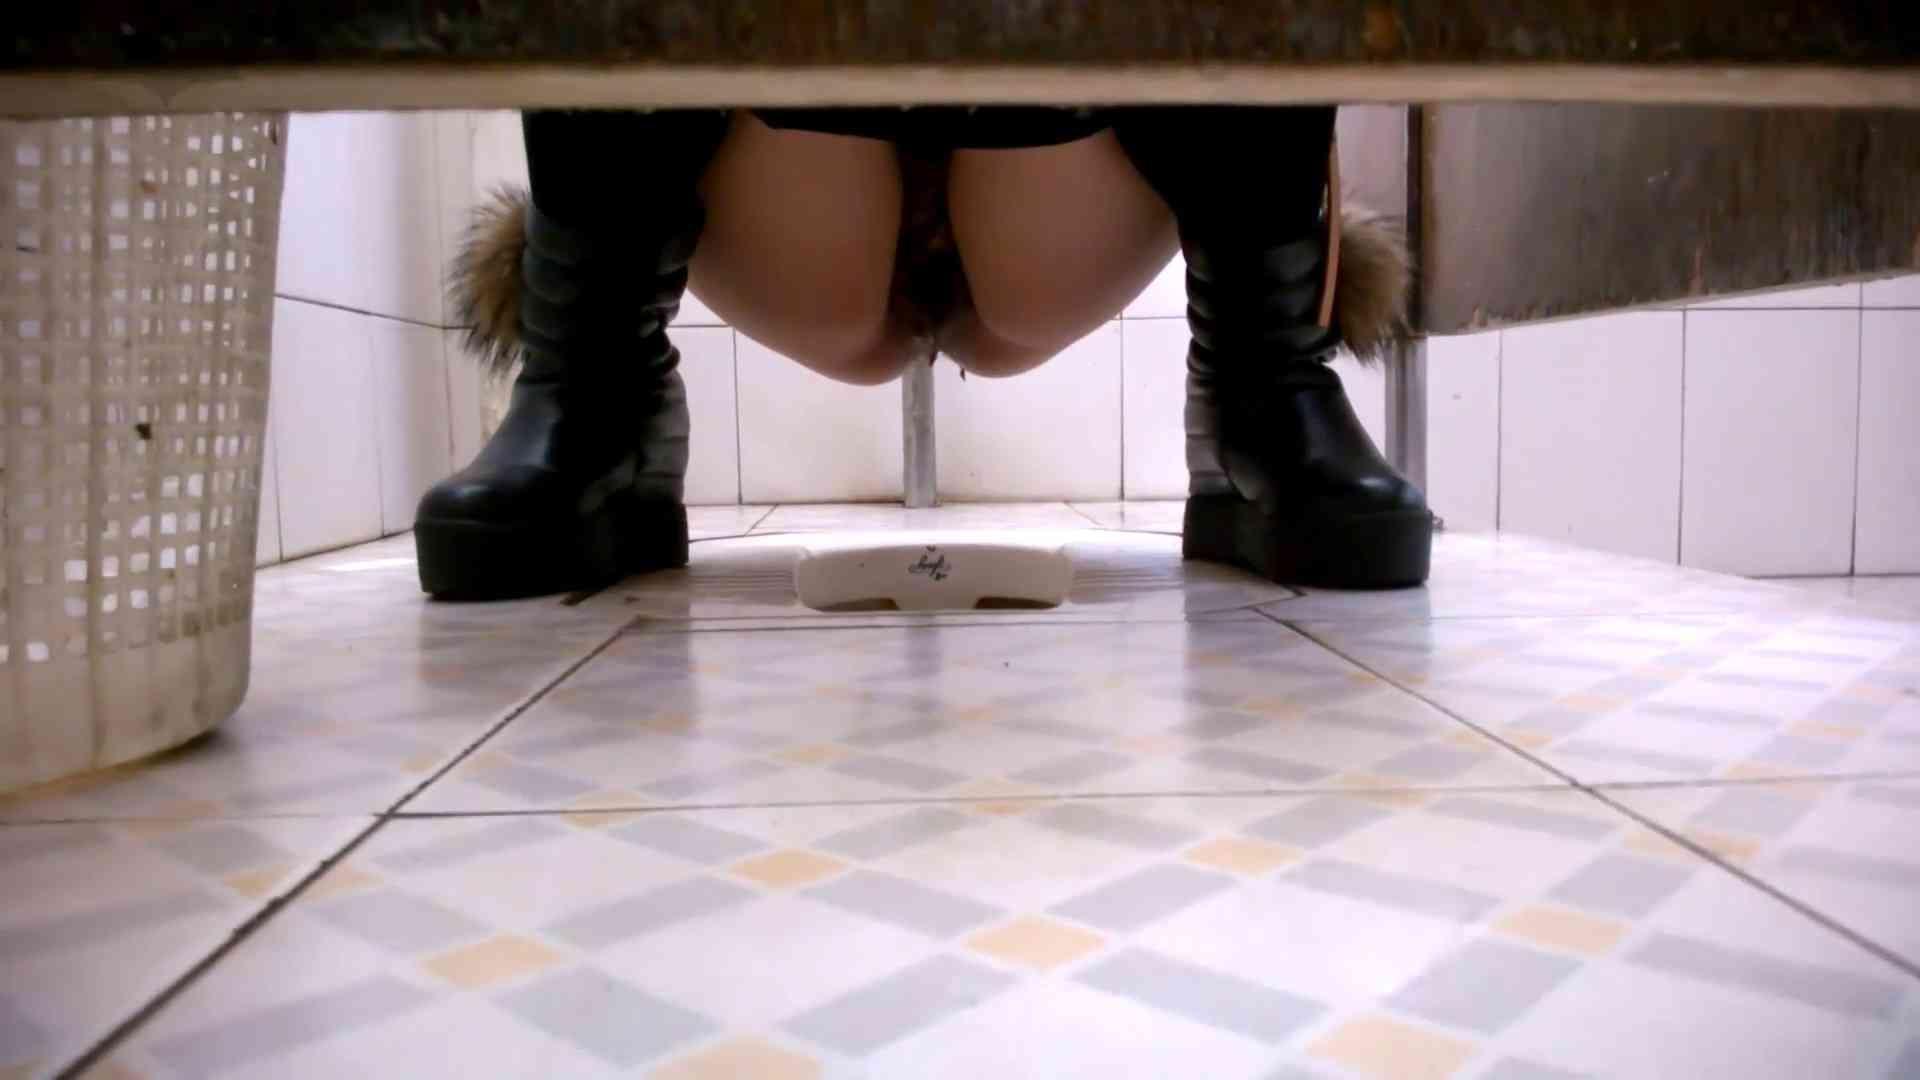 JD盗撮 美女の洗面所の秘密 Vol.34 盗撮エロすぎ | 洗面所着替え  36連発 16